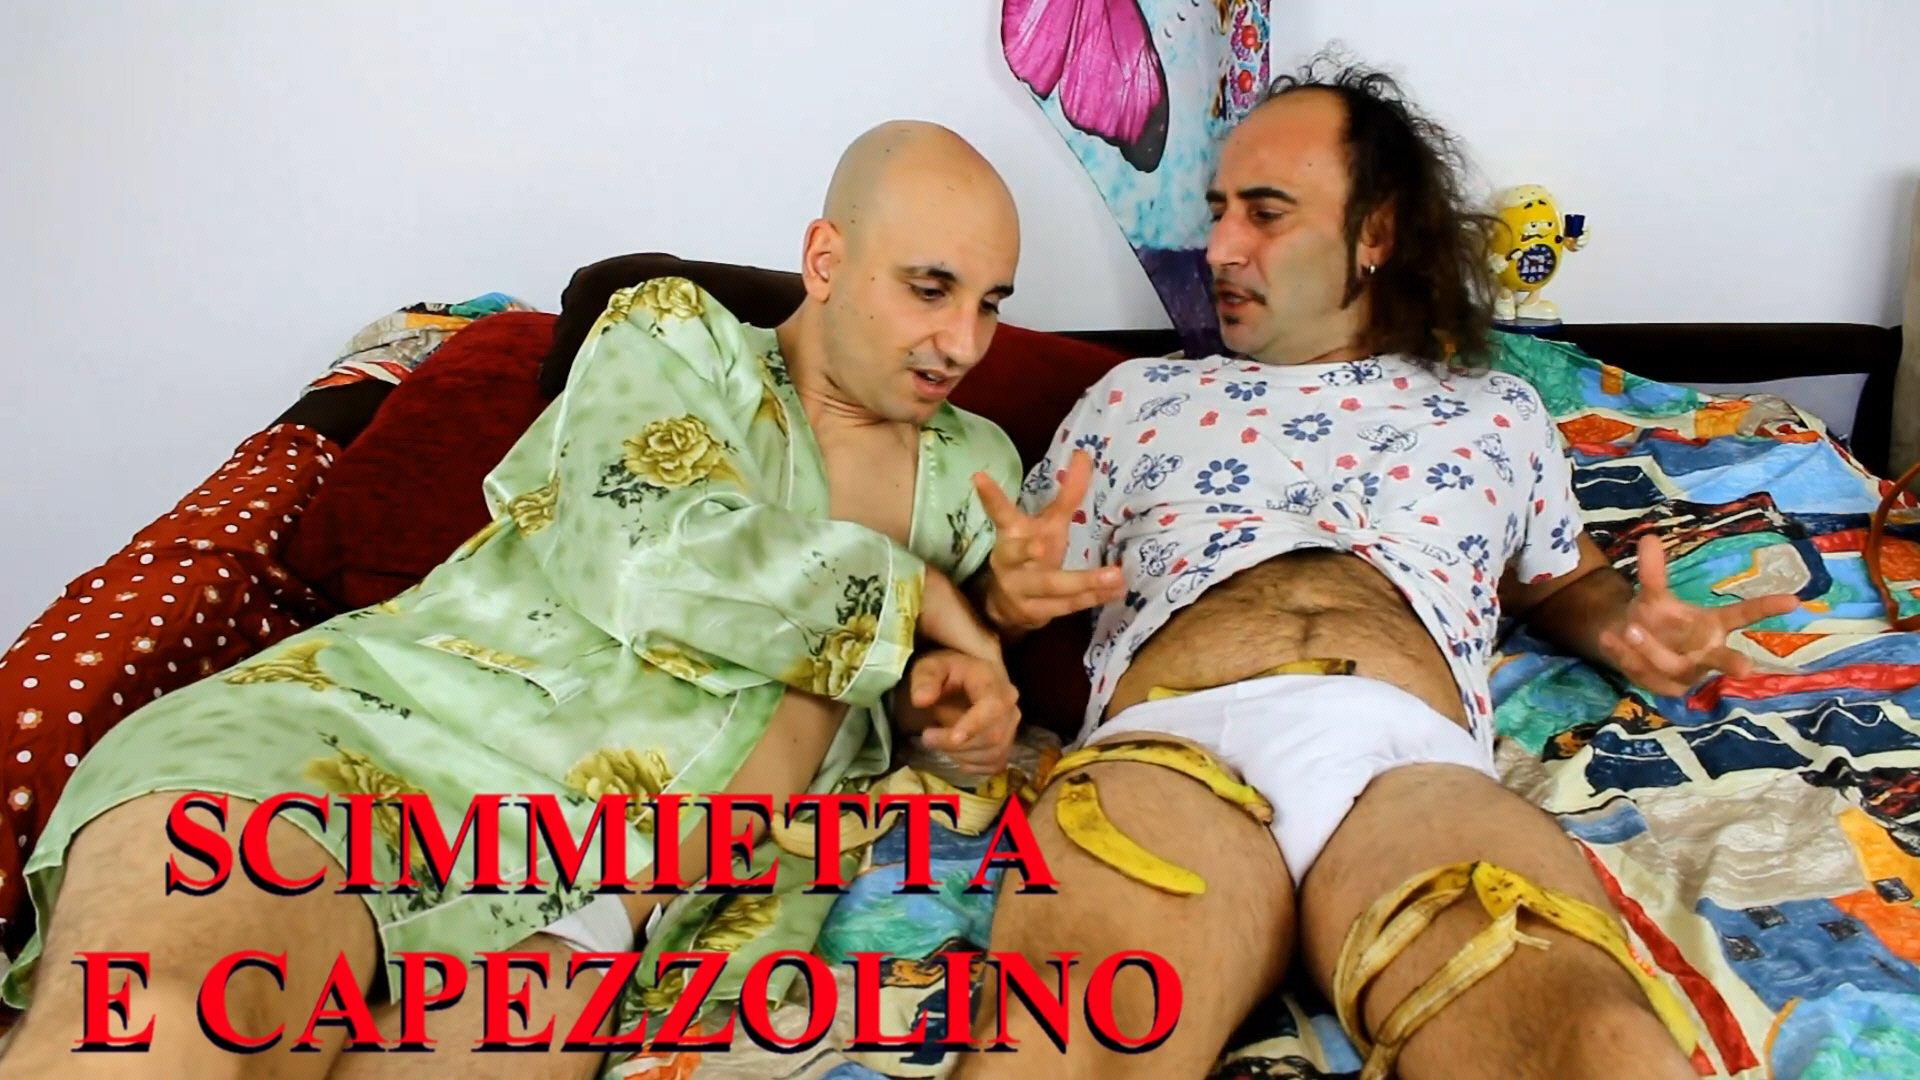 Roma Web Fest - LA FIERA DEL MOBILE (WEB SERIE : SCIMMIETTA E CAPEZZOLINO)